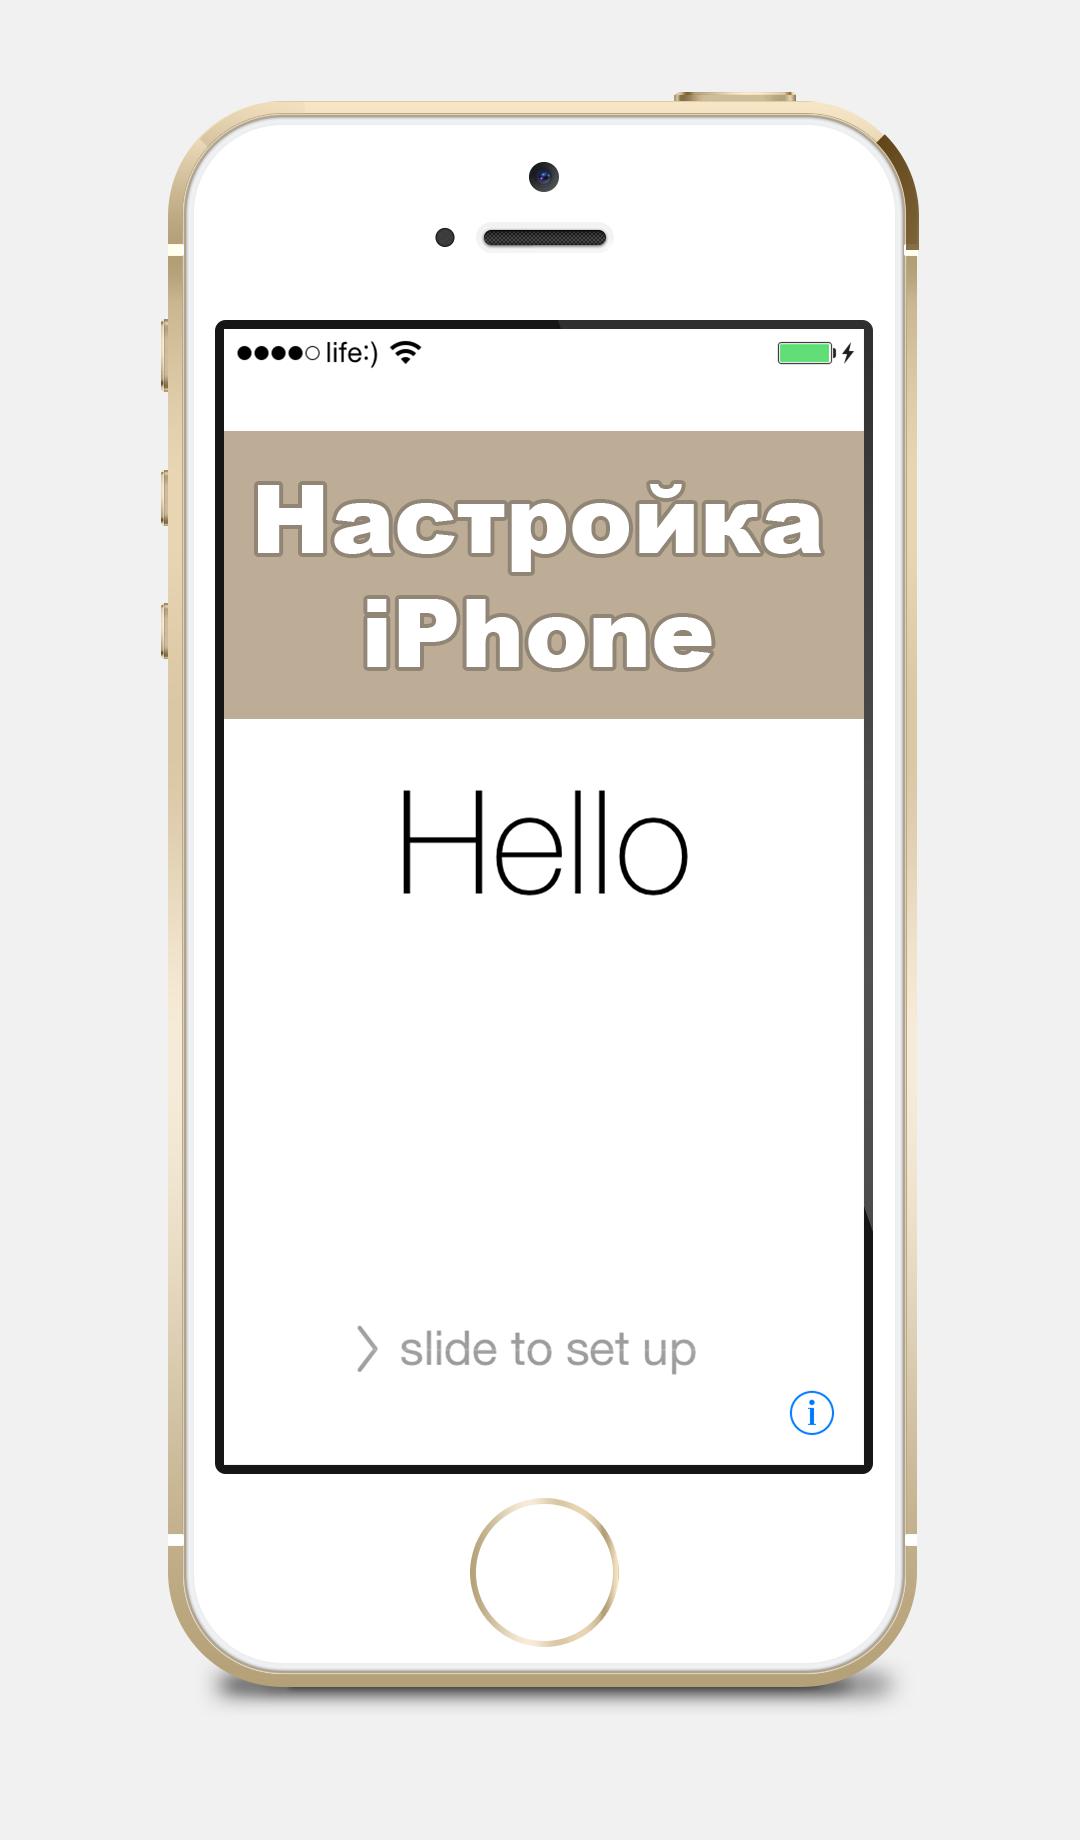 инструкция по активации iphone без apple id